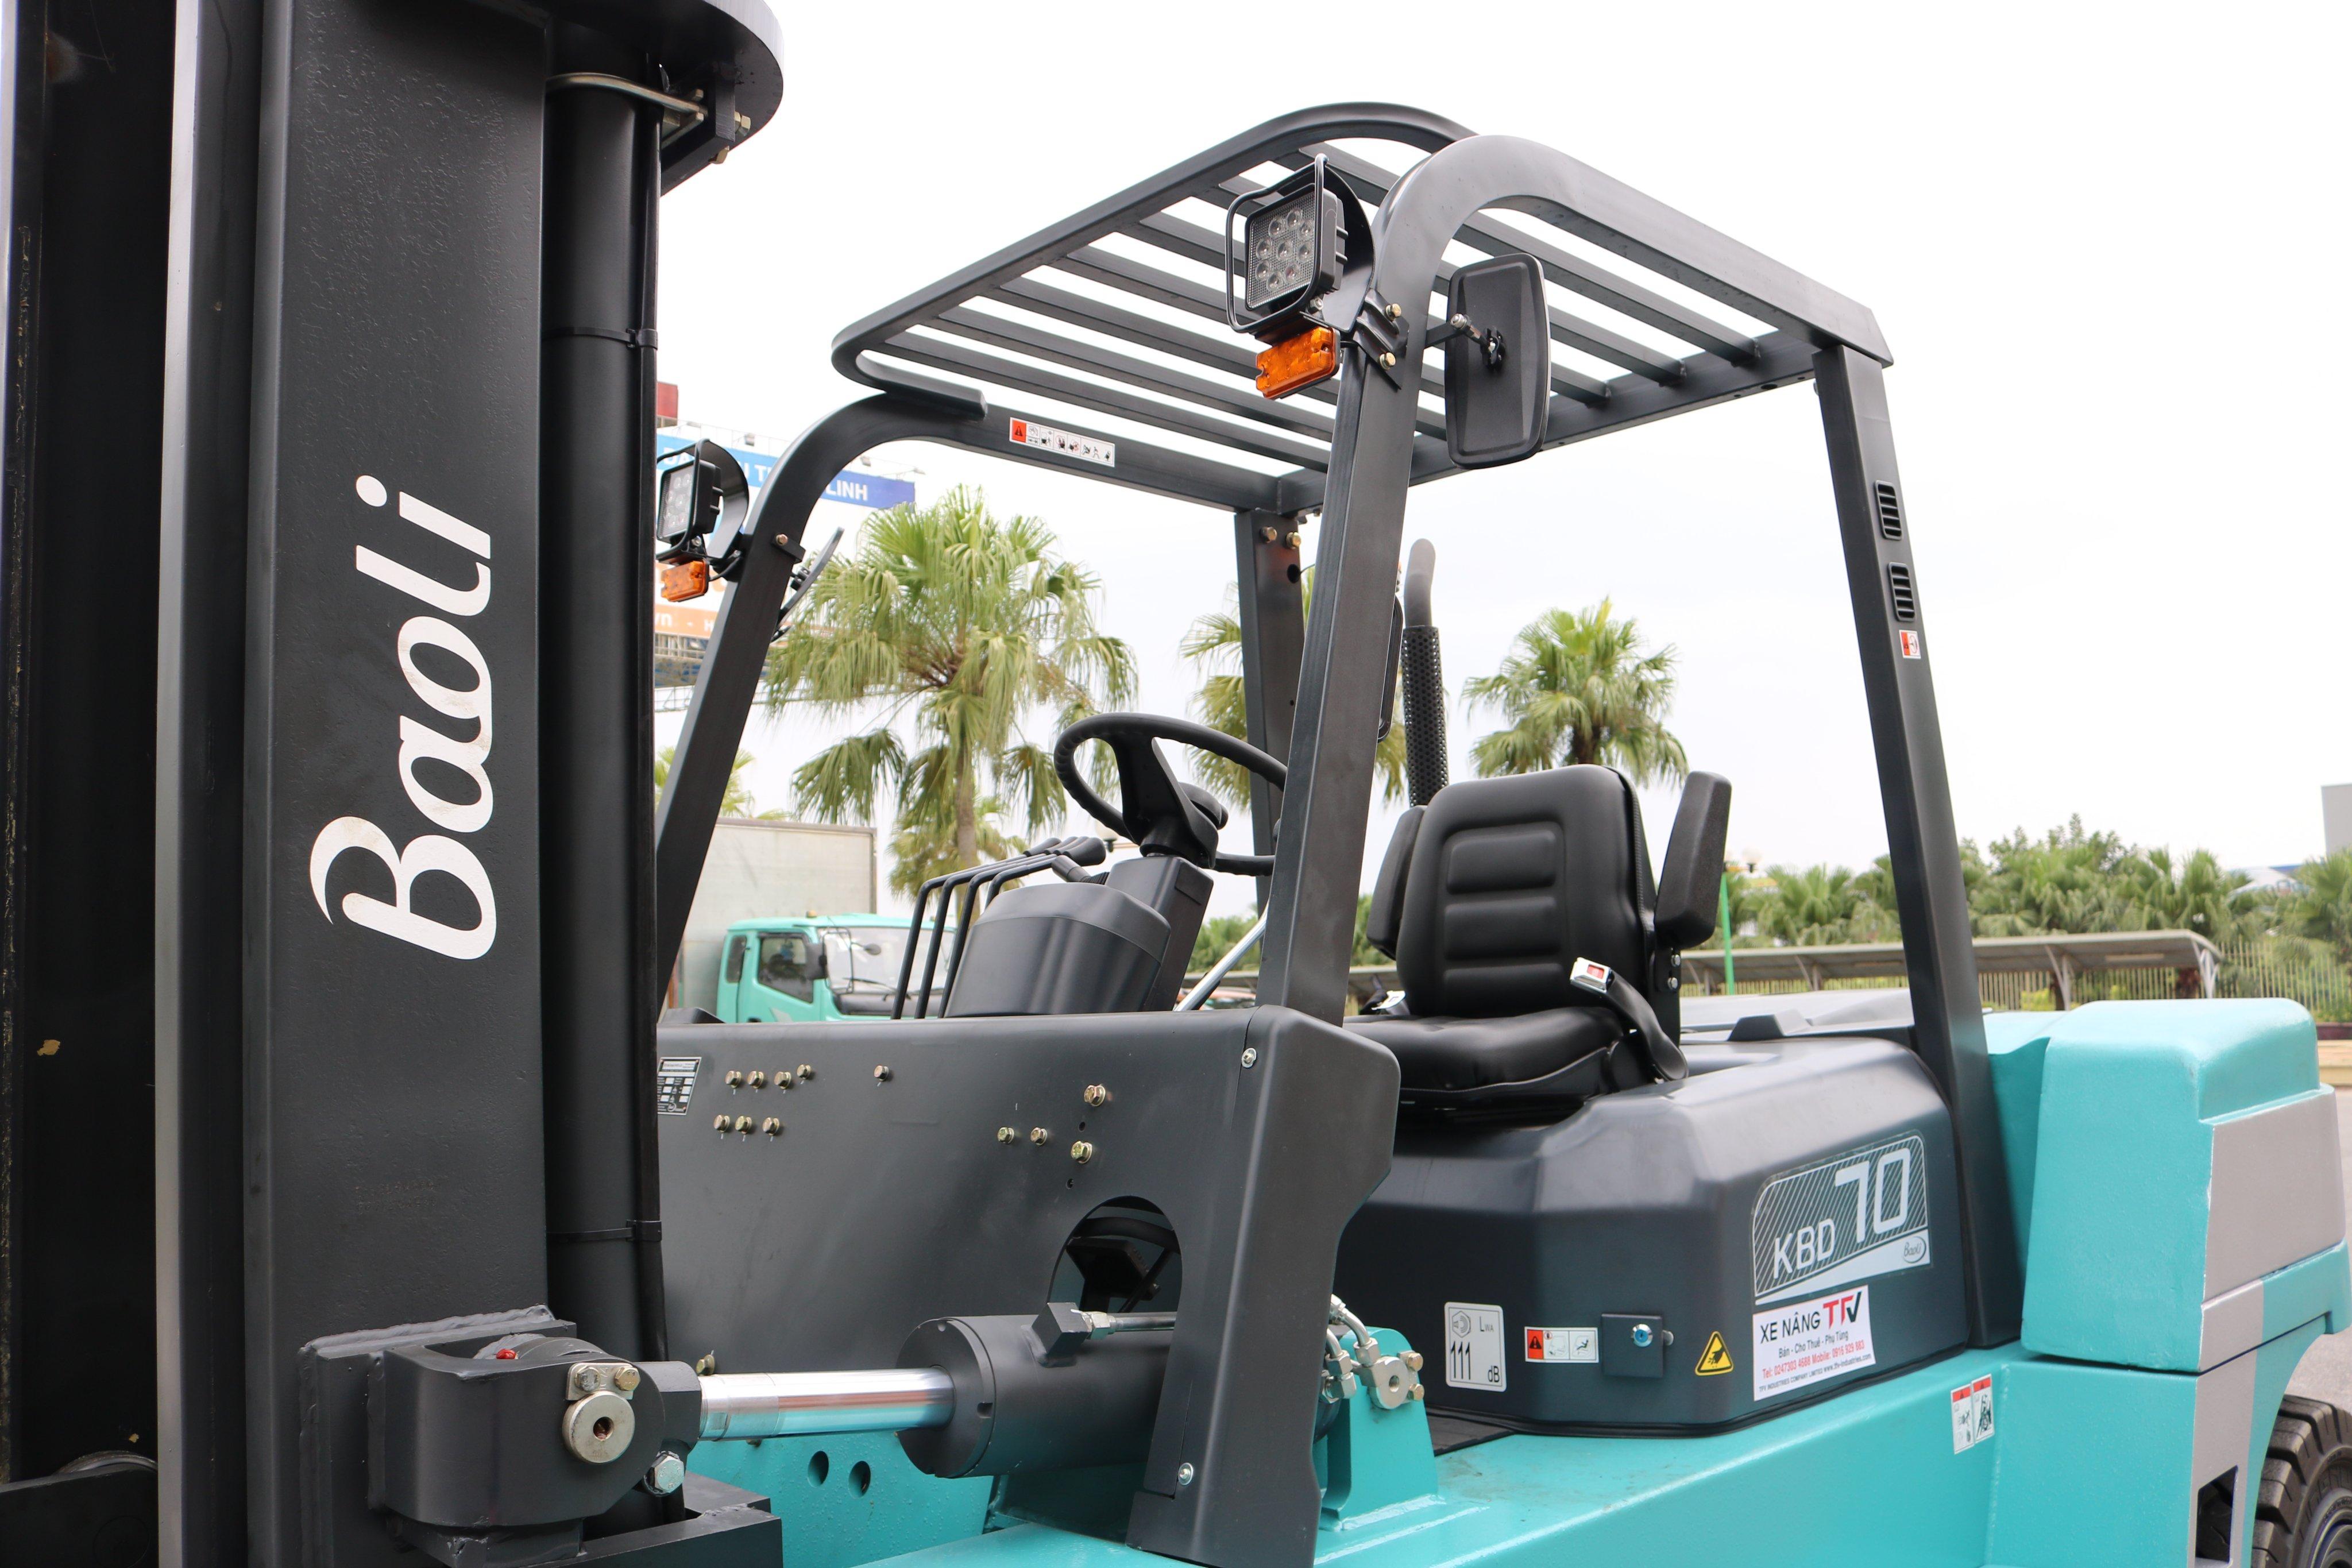 xe nâng 7 tấn Baoli dùng nâng cho đa mục đích sử dụng